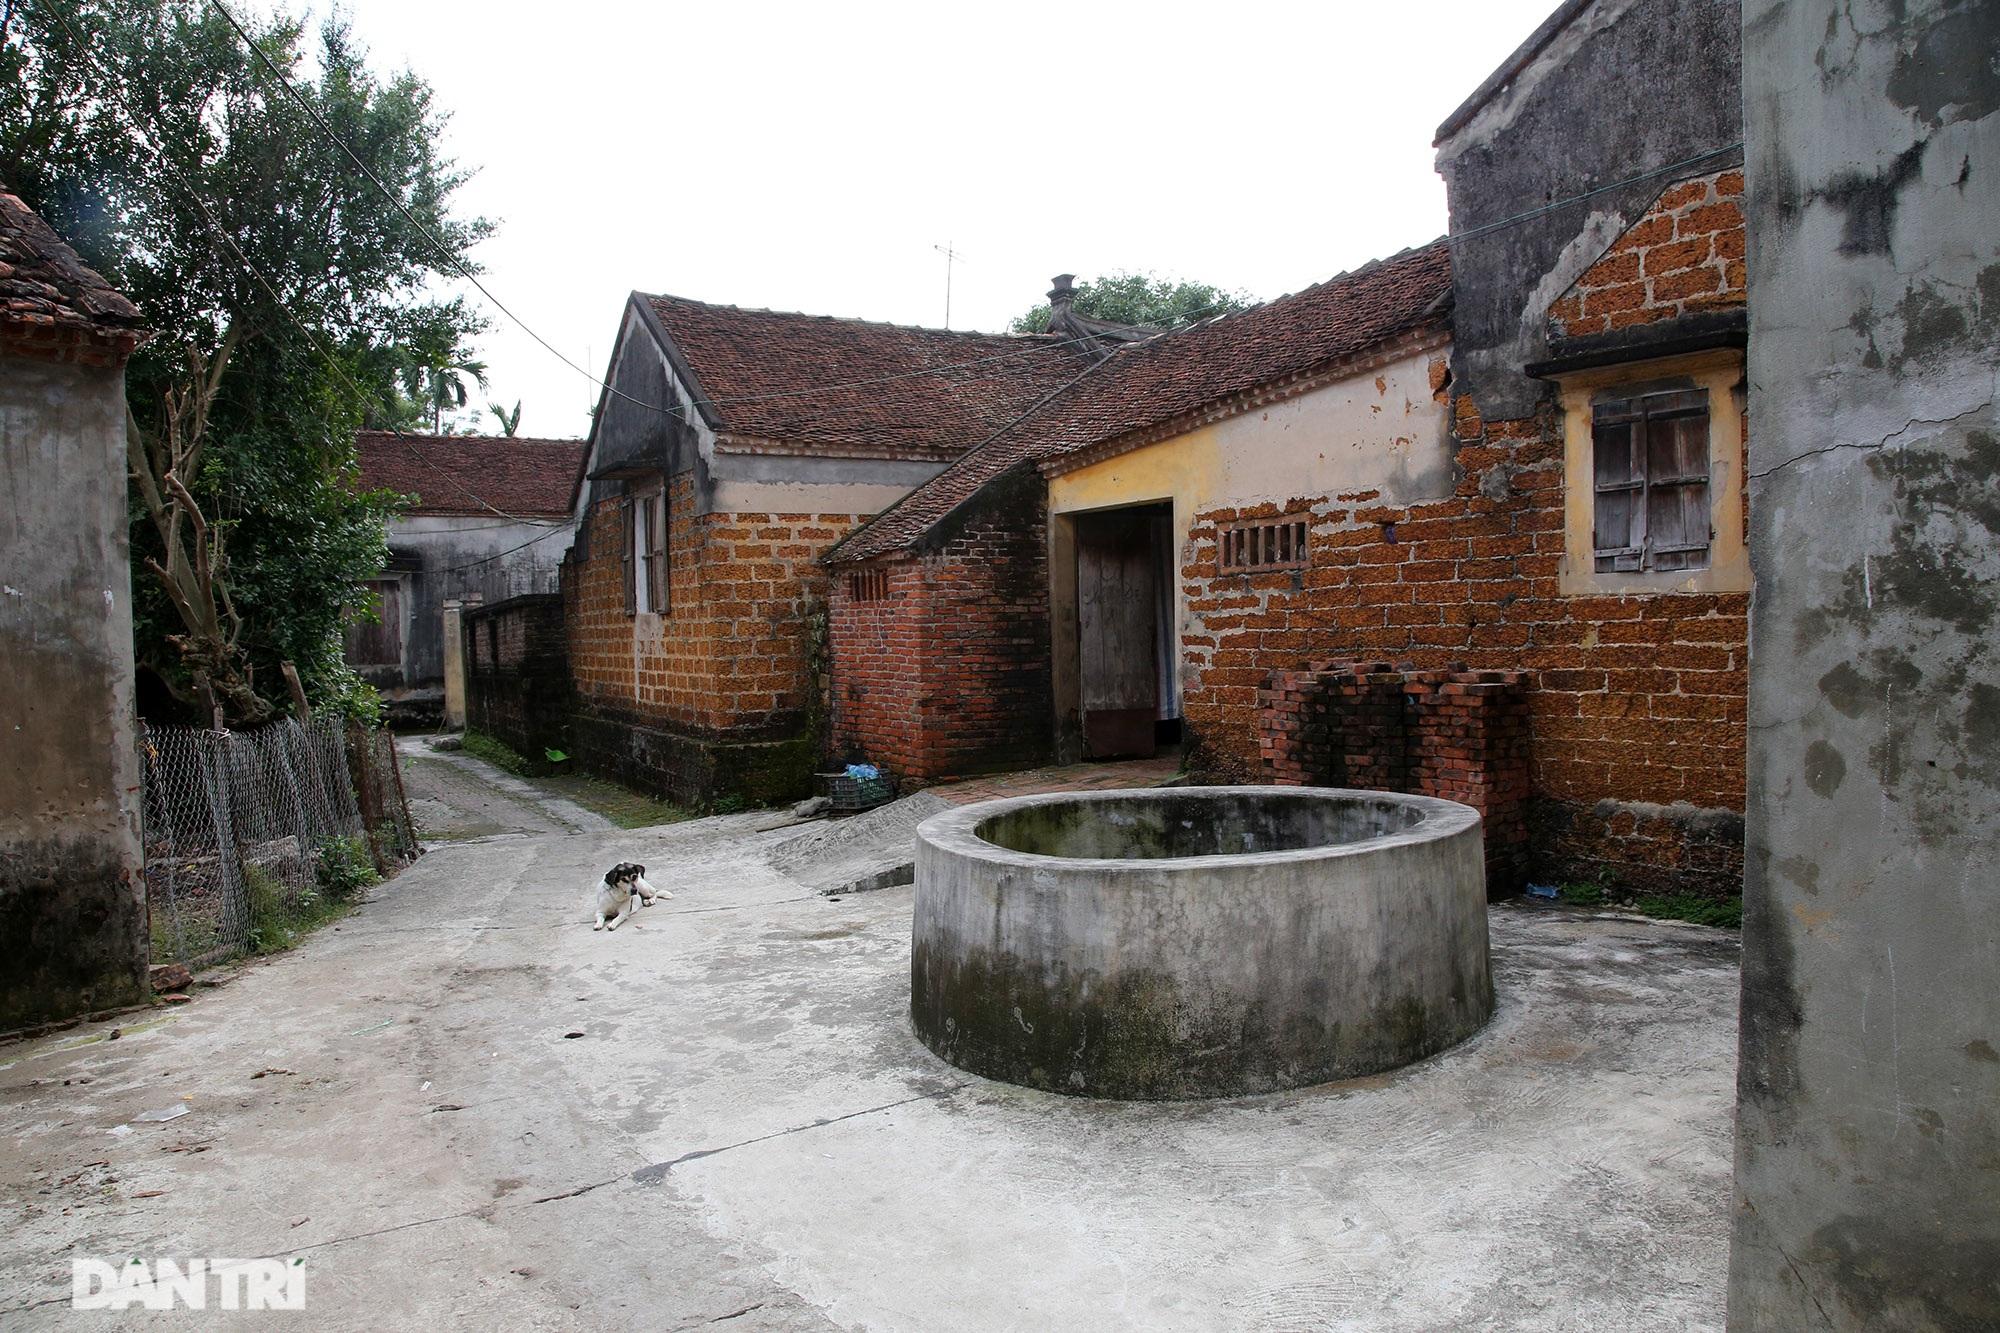 Bí ẩn 99 giếng cổ thiên tạo trong một làng ở Hà Nội - 7